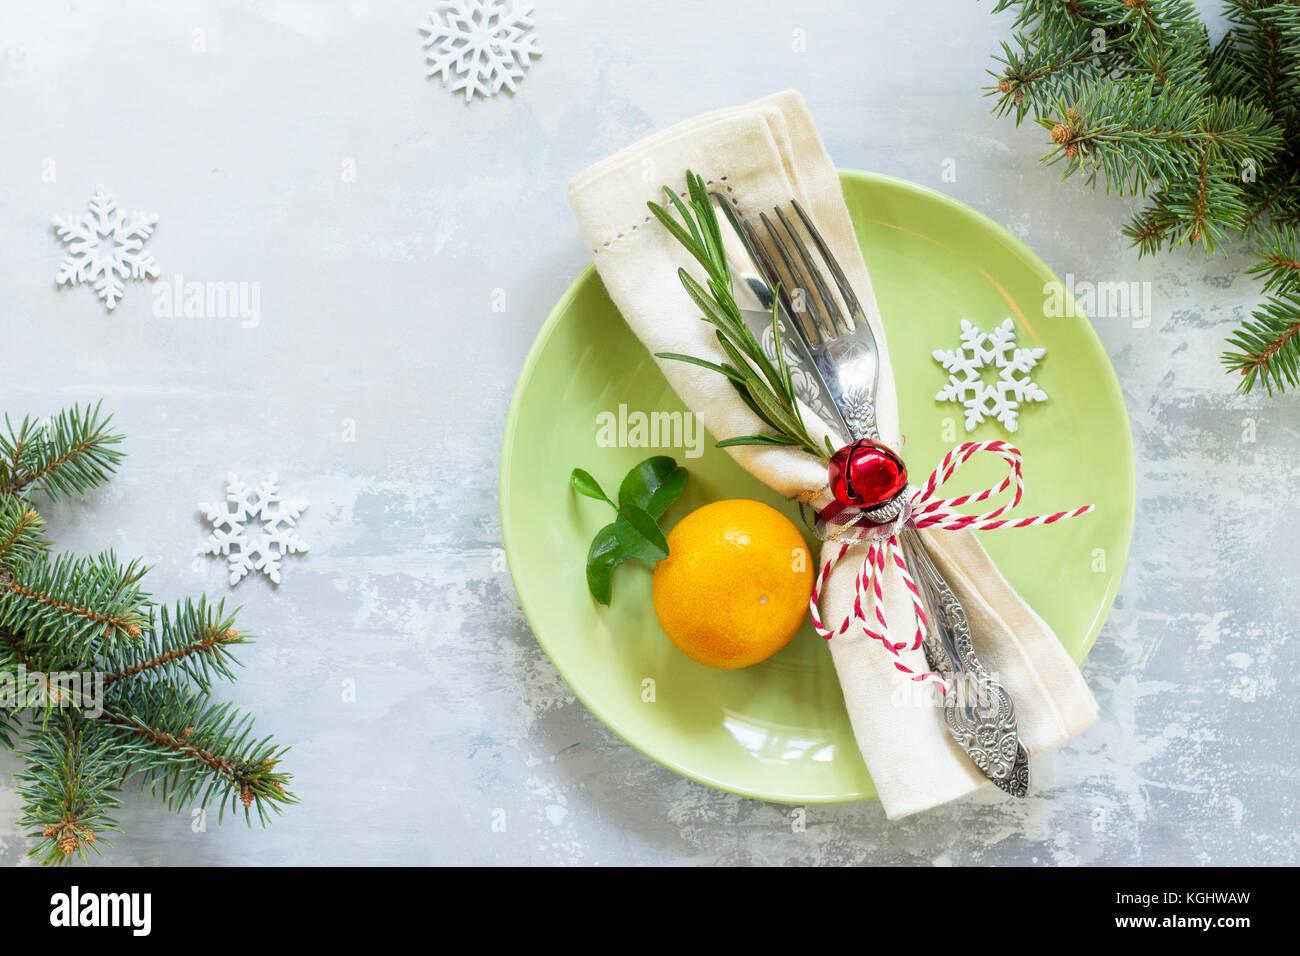 Fondo de vacaciones. La decoración de navidad en piedra o tabla de fondo de pizarra. placa verde, cubertería Imagen De Stock